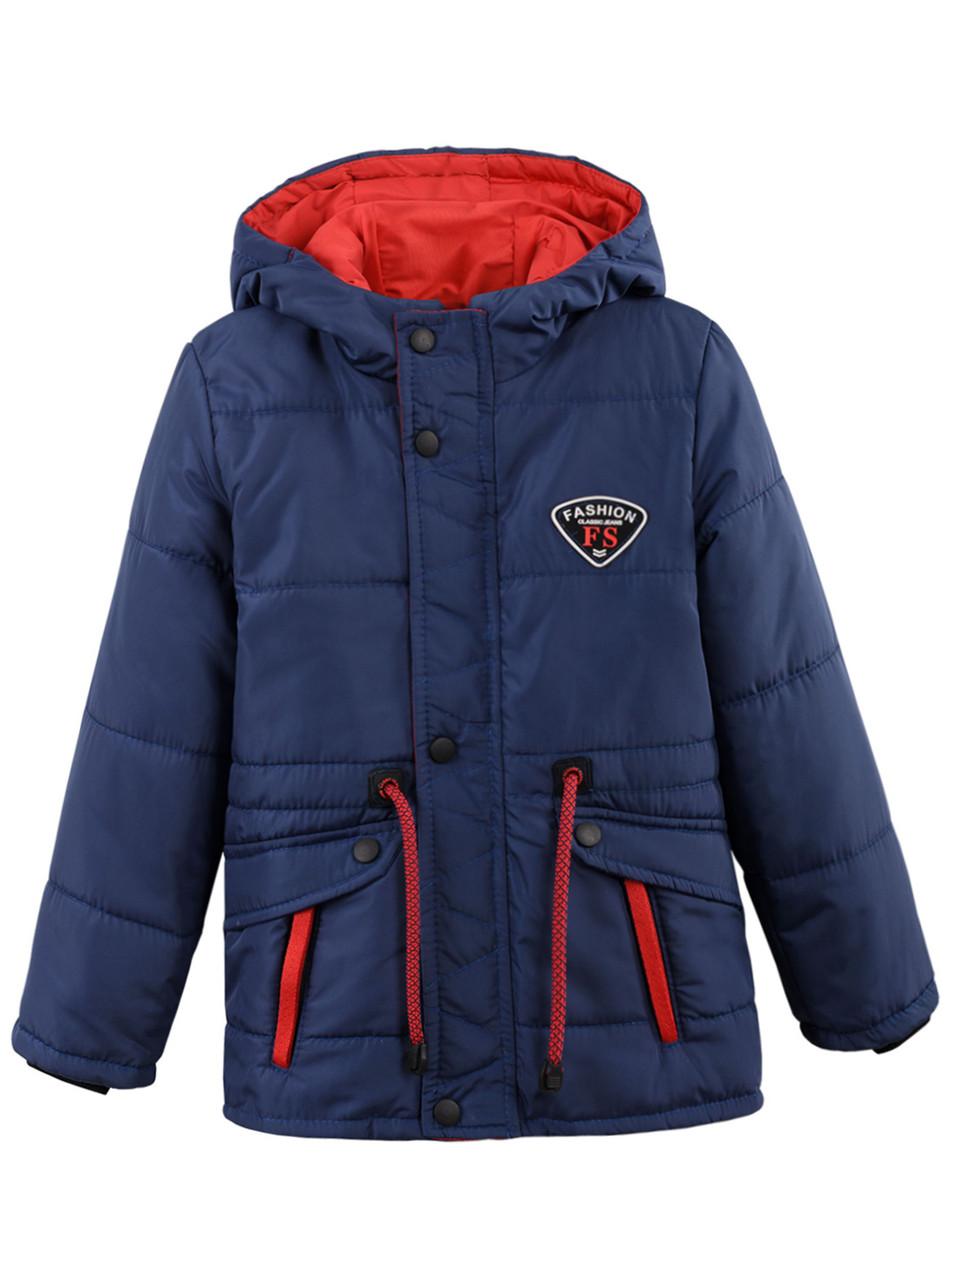 Детская демисезонная куртка на мальчика в расцветках, р.122,128